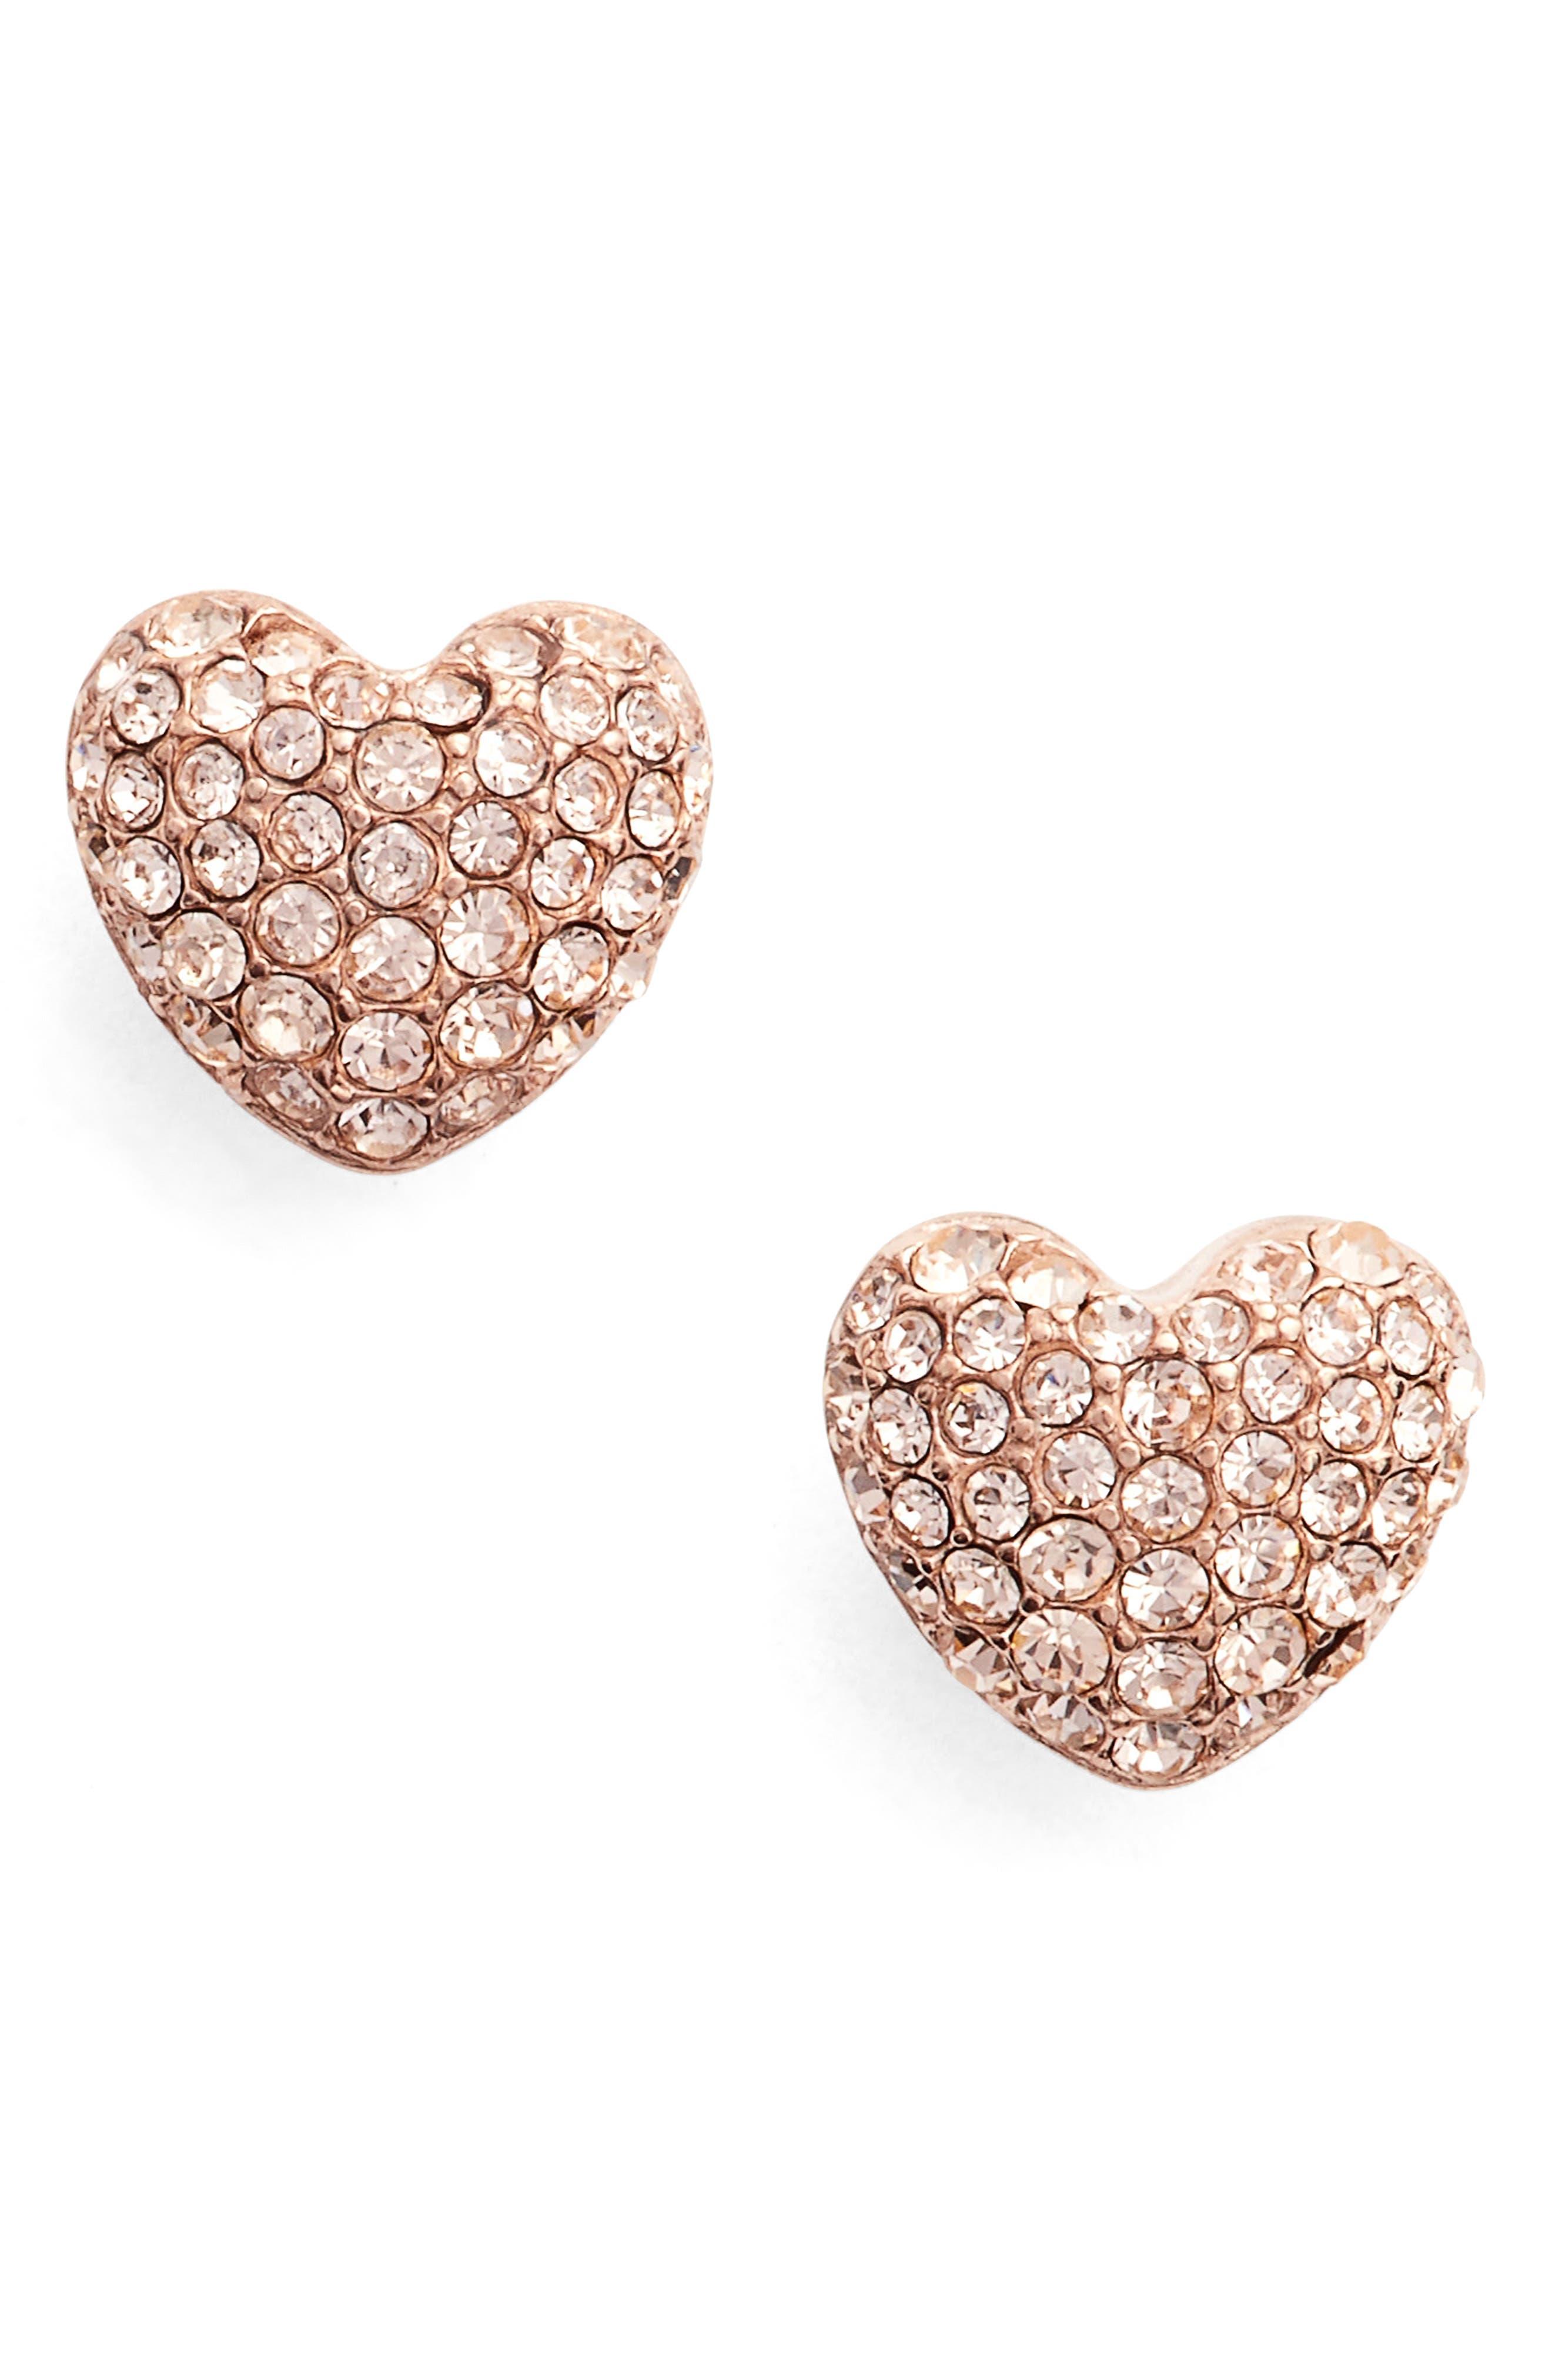 Heart Stud Earrings,                             Main thumbnail 1, color,                             650